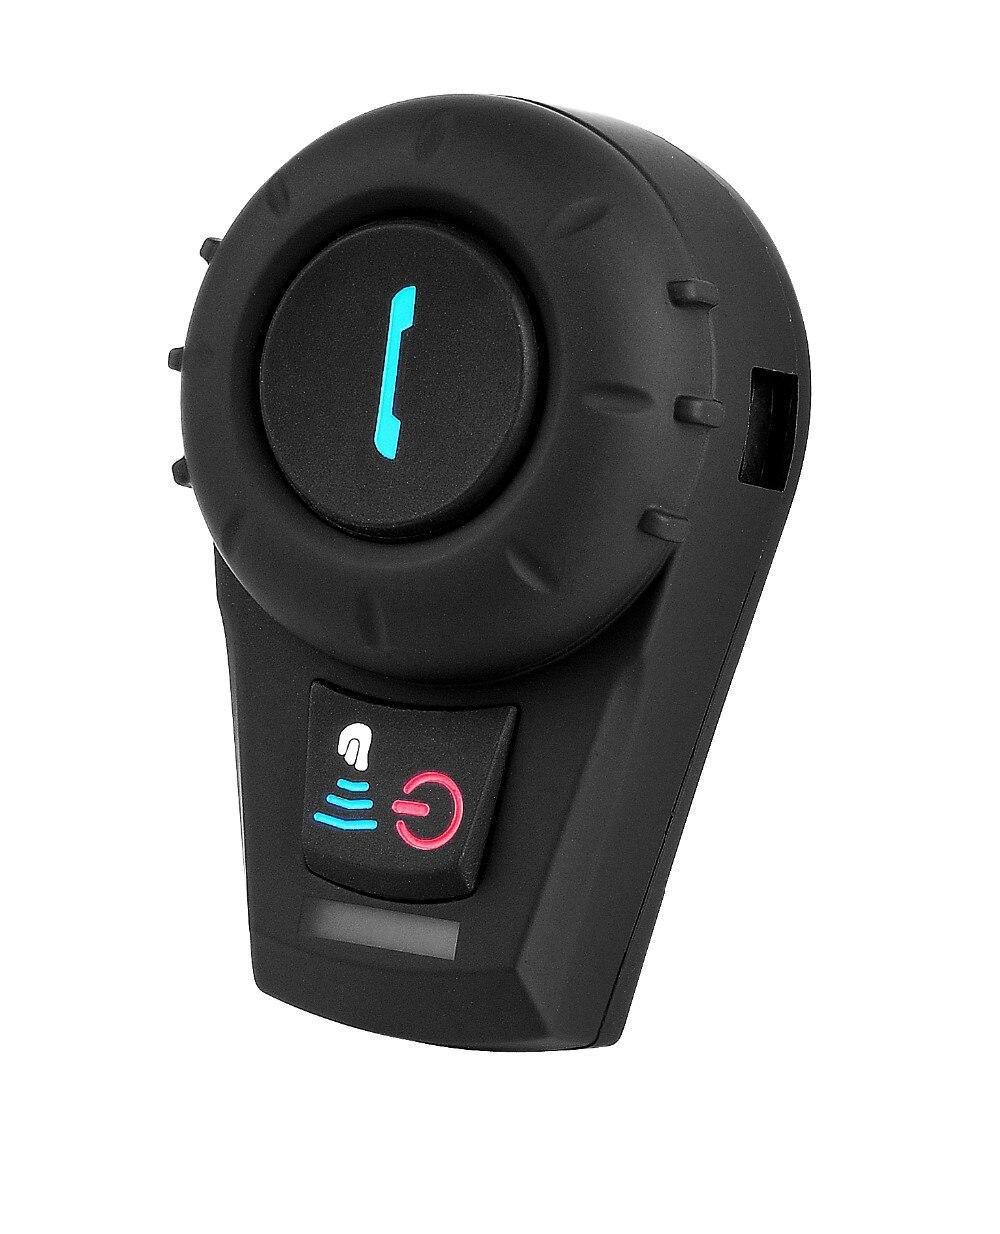 Nuevo intercomunicador de Radio FM Bluetooth 500M BT para casco de motocicleta, intercomunicador con auricular para teléfono/GPS/MP3